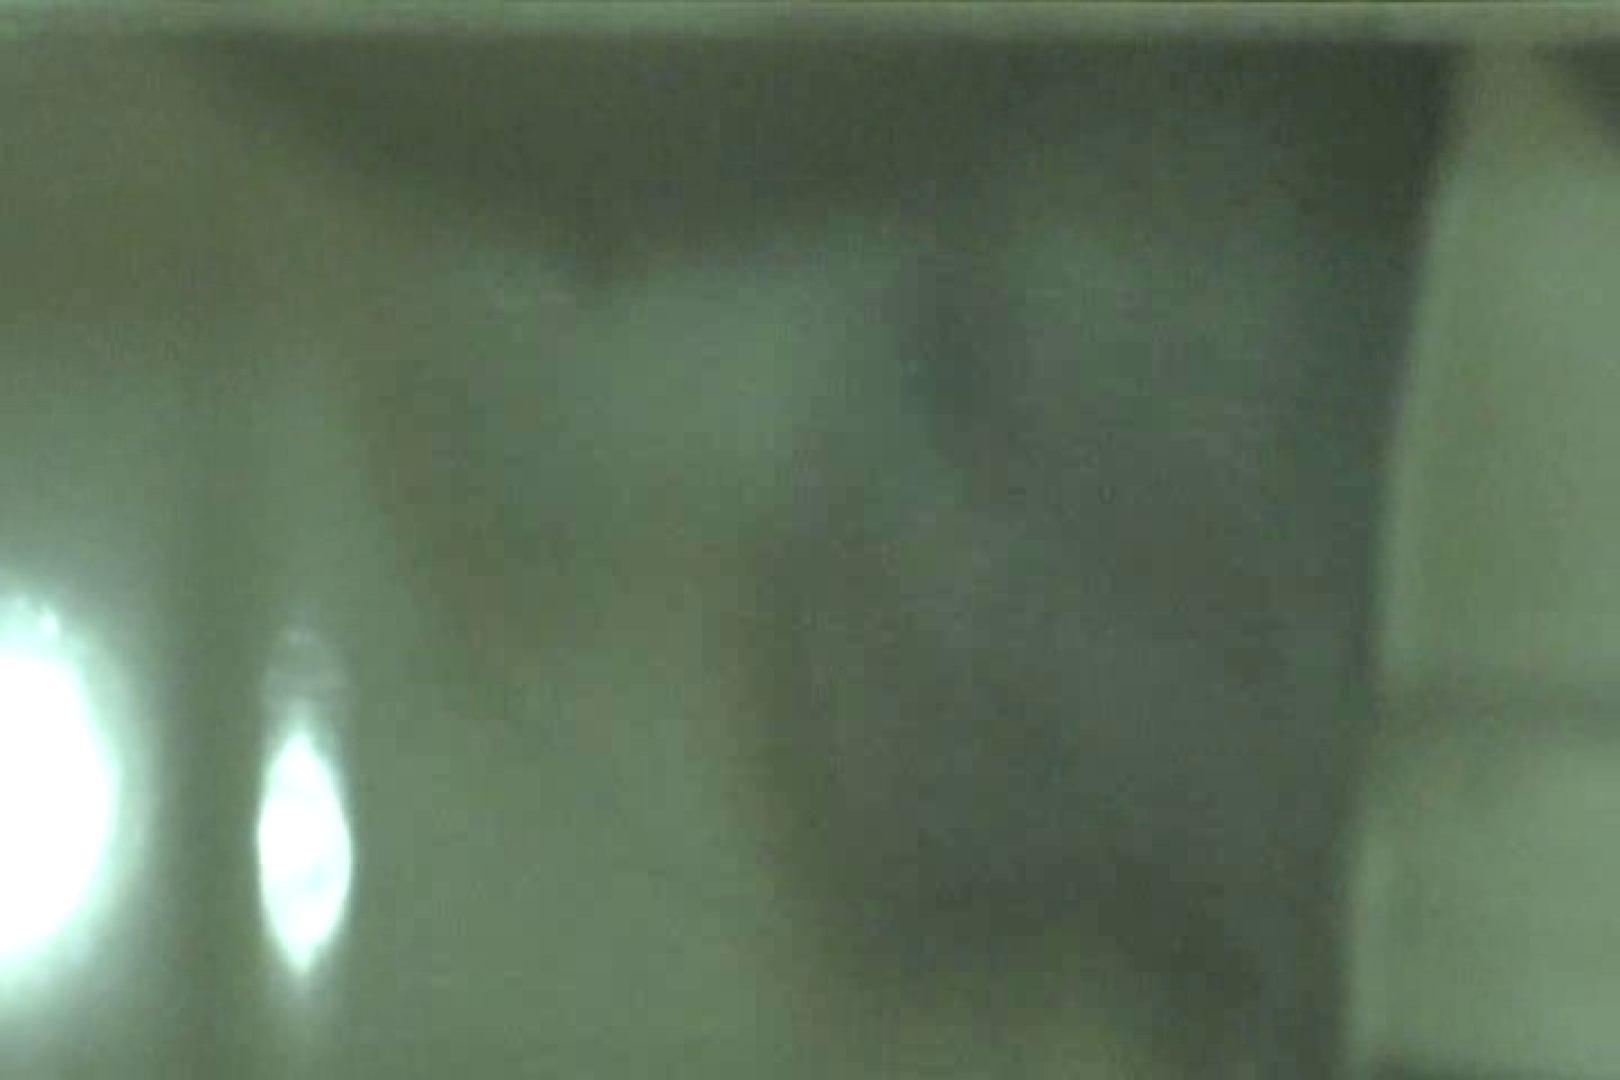 マンコ丸見え女子洗面所Vol.34 エロティックなOL ぱこり動画紹介 87画像 47